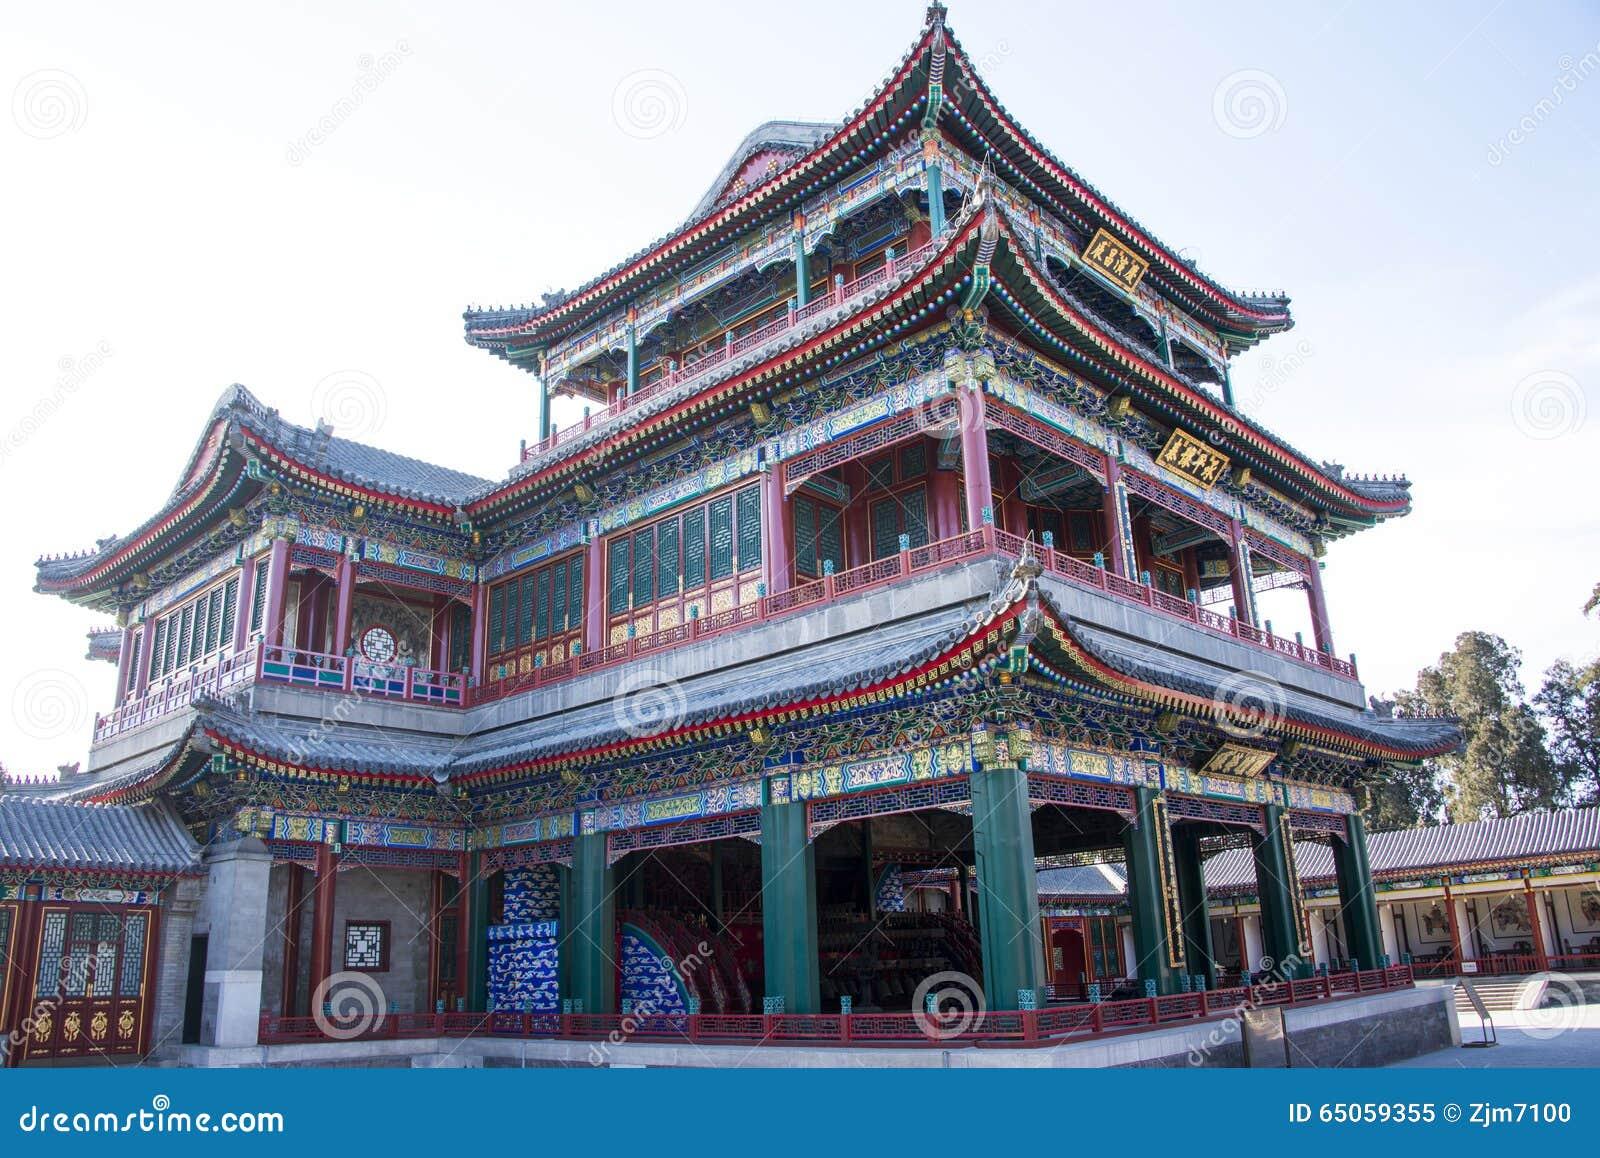 Asia China, Pekín, el palacio de verano, arquitectura clásica, edificio del teatro